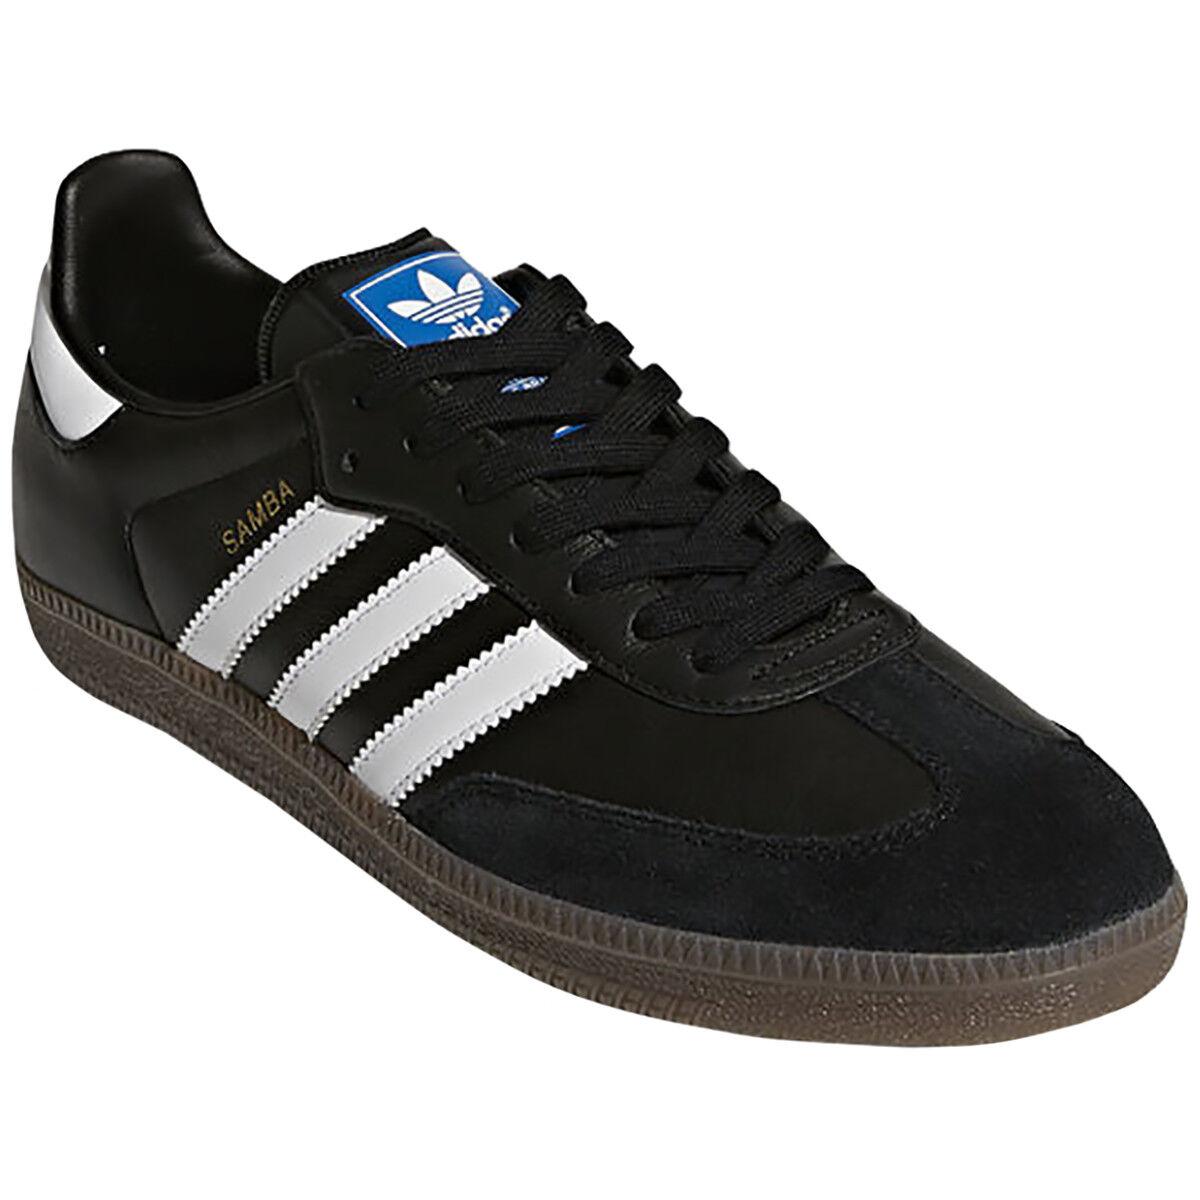 Adidas Originals Samba OG OrthoLite Leather Casual shoes - Black White Gum